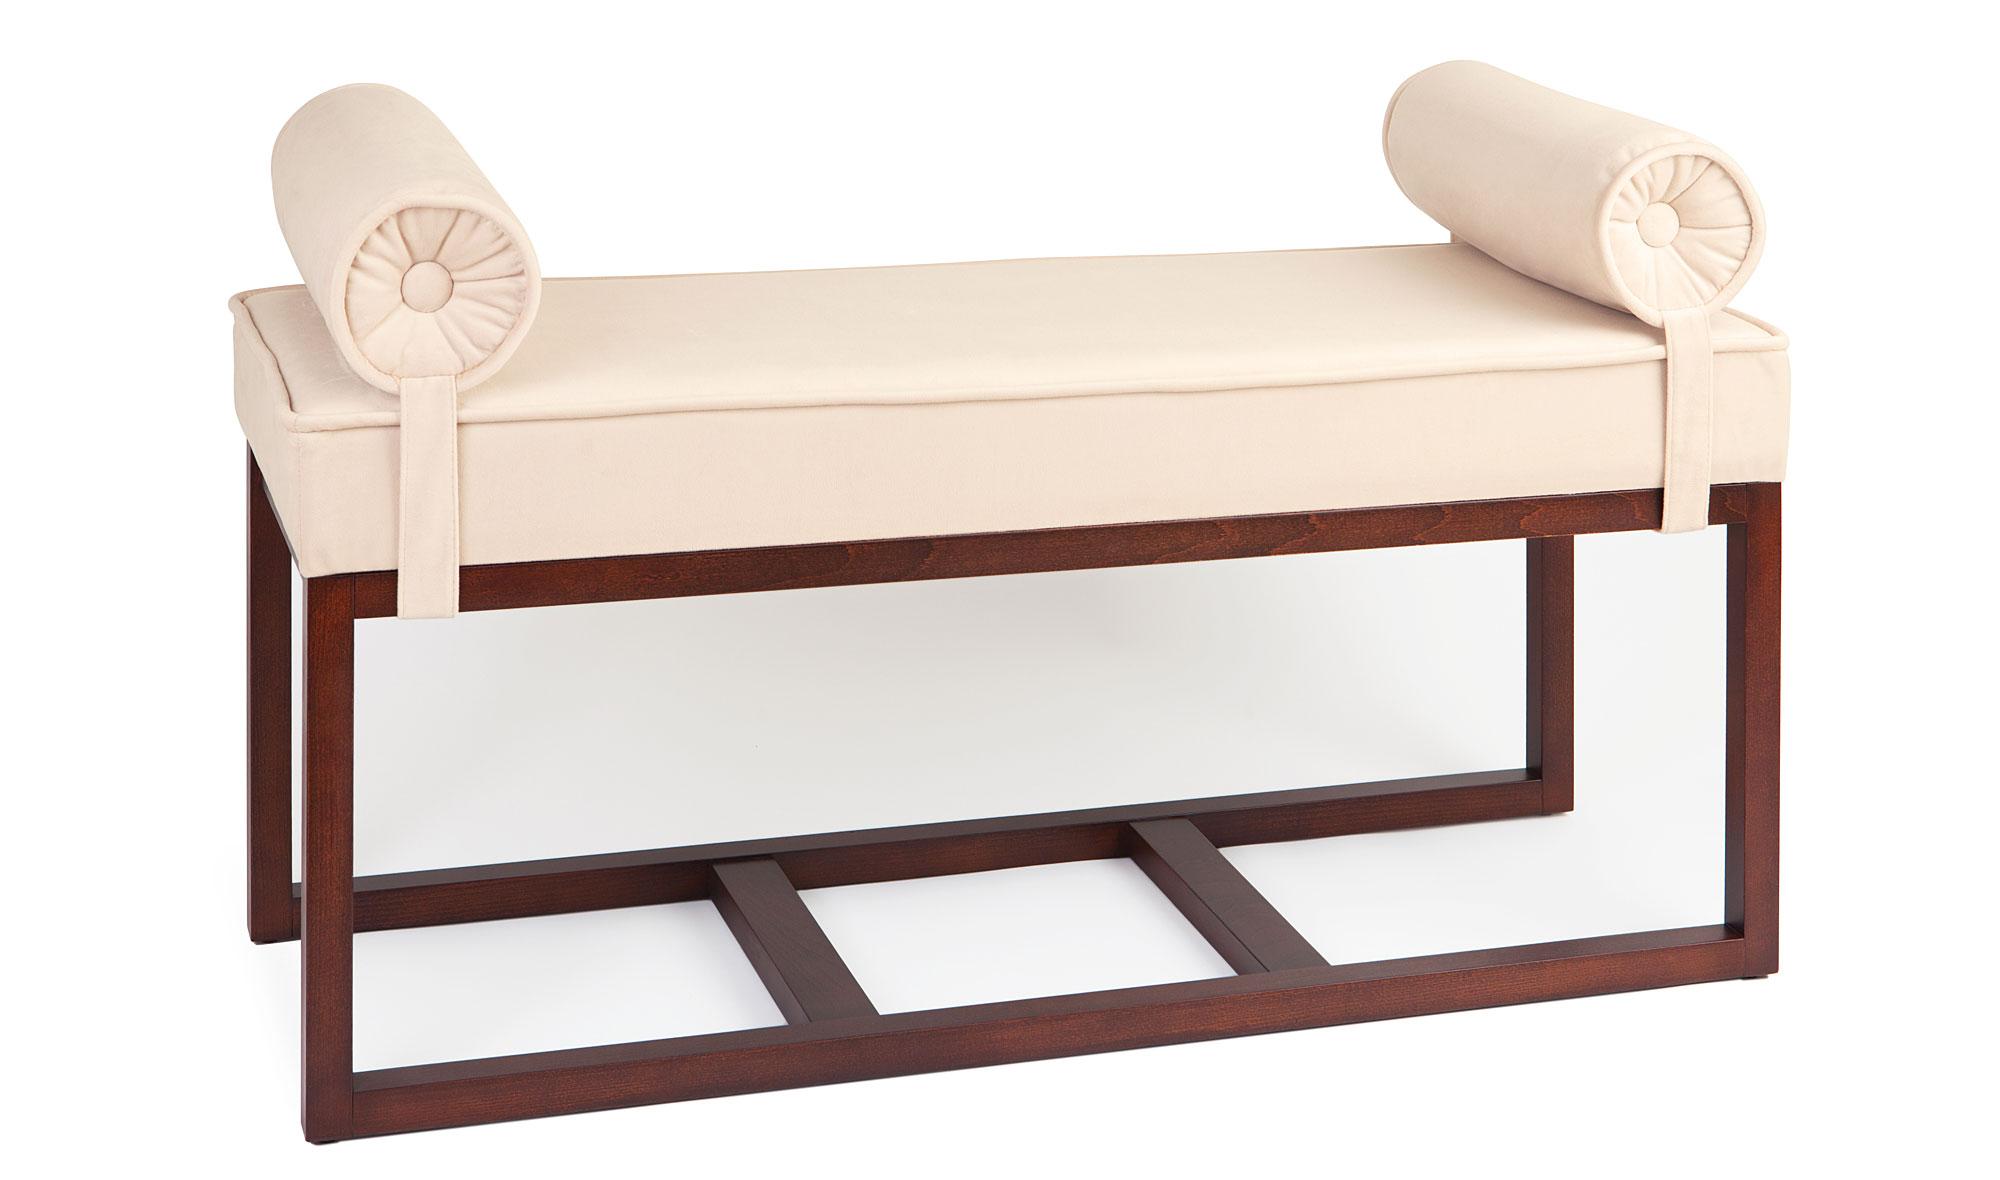 Lujoso Muebles De Banqueta Embellecimiento - Muebles Para Ideas de ...